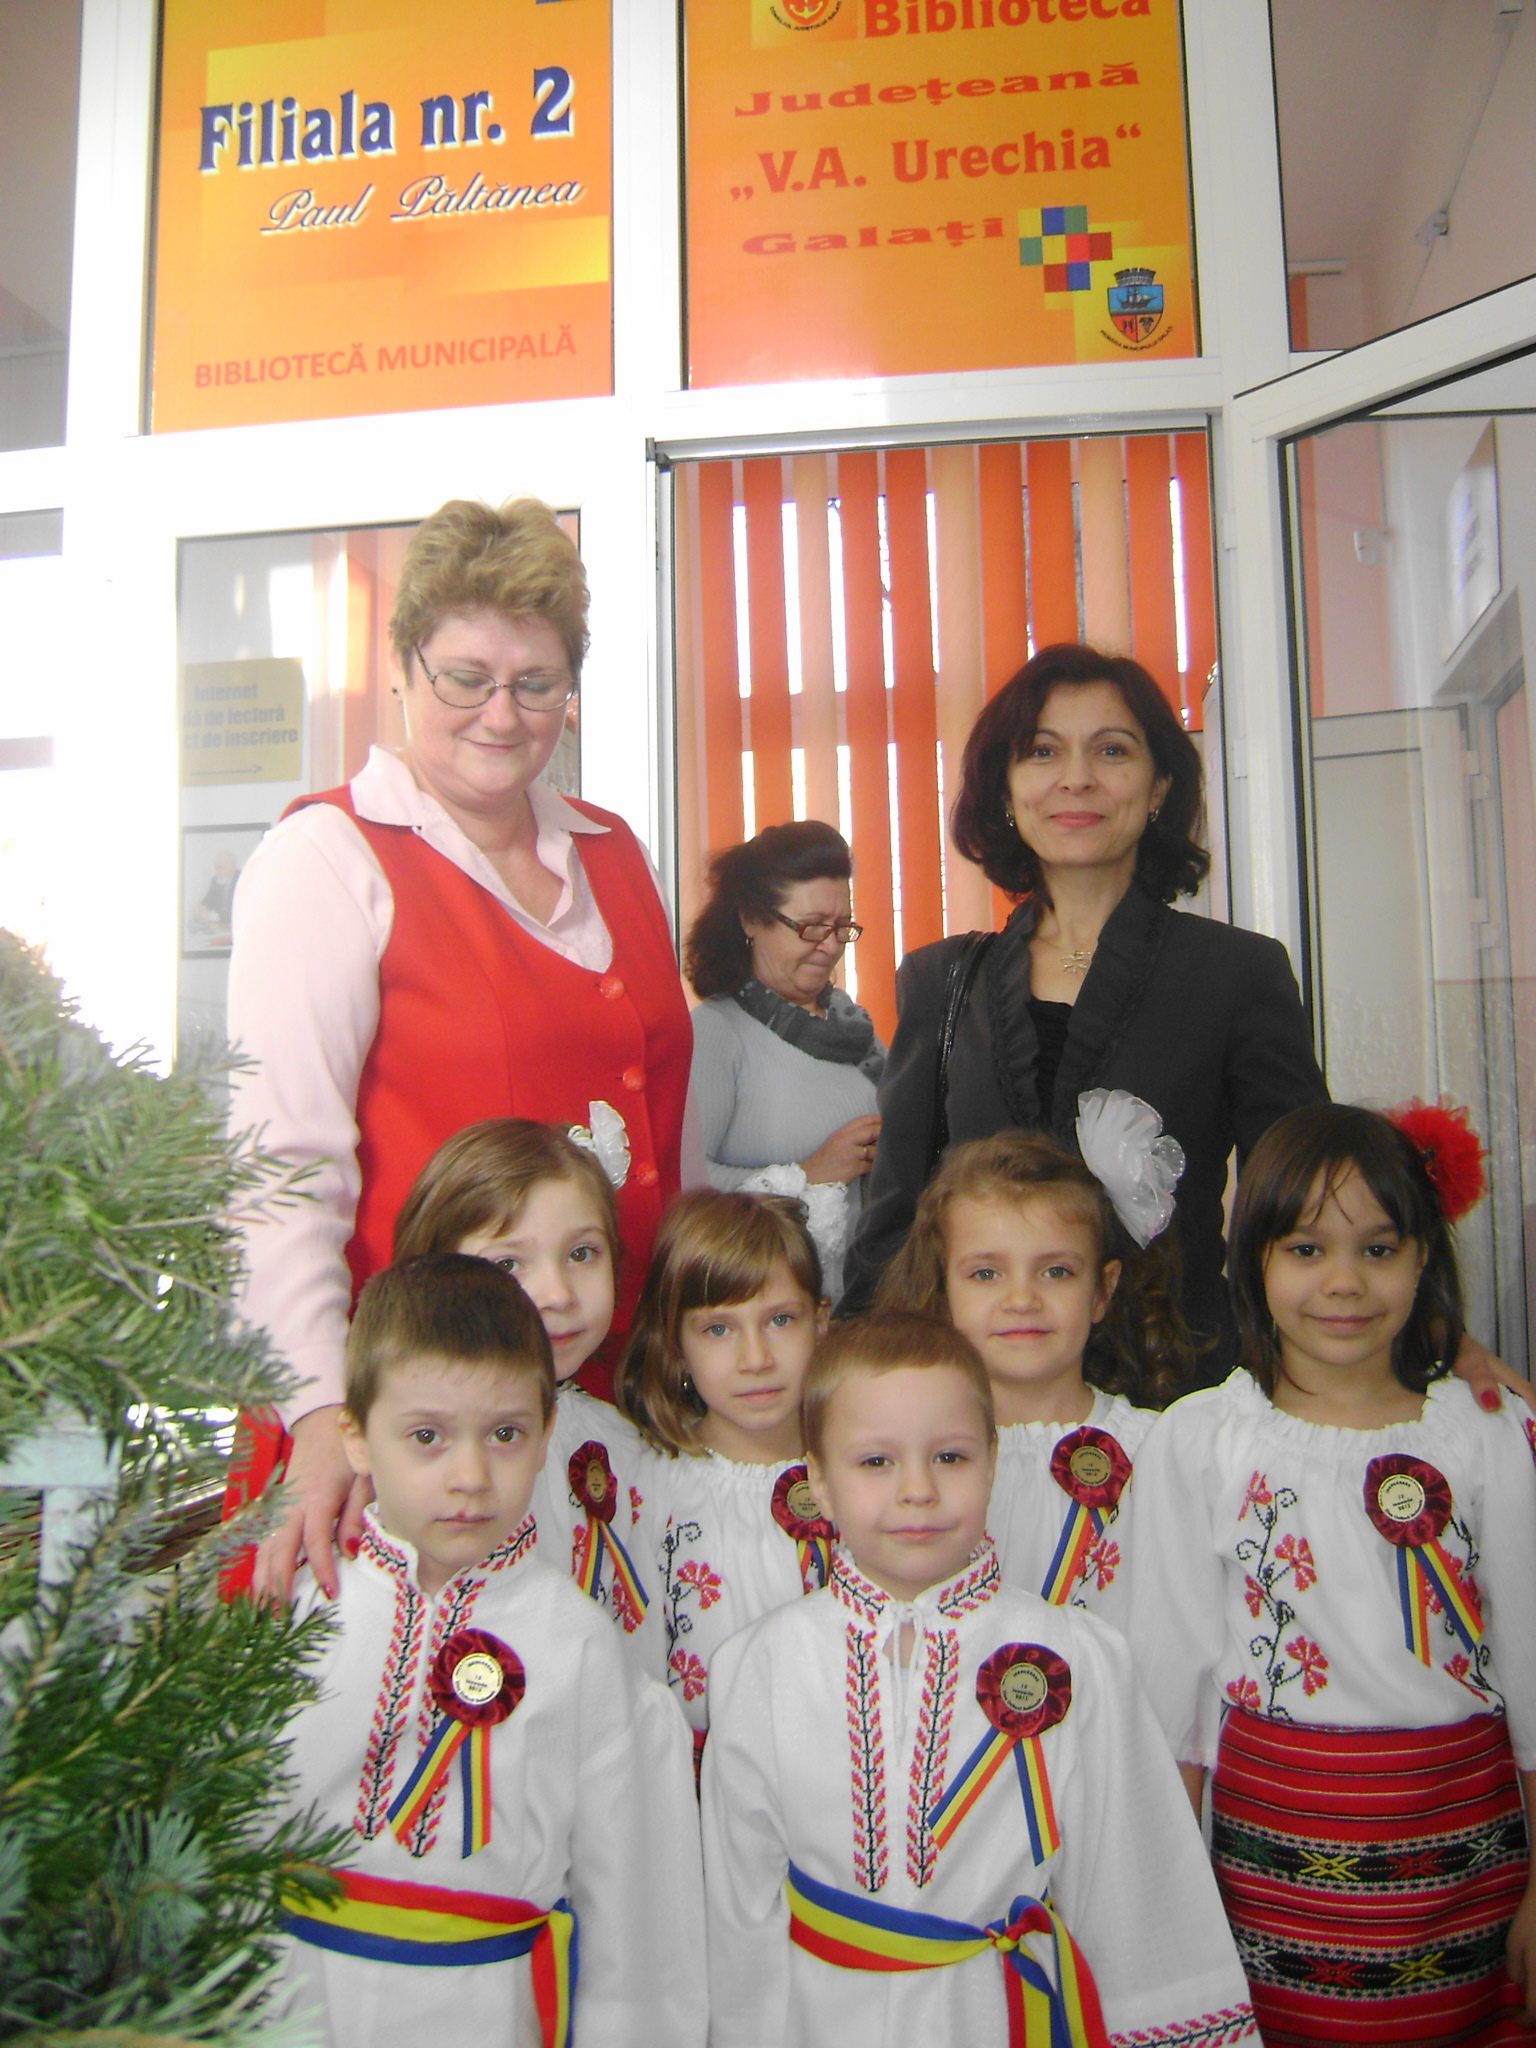 """Ziua Culturii Române – sărbătorită la Biblioteca """"V. A. Urechia"""" din Galaţi"""